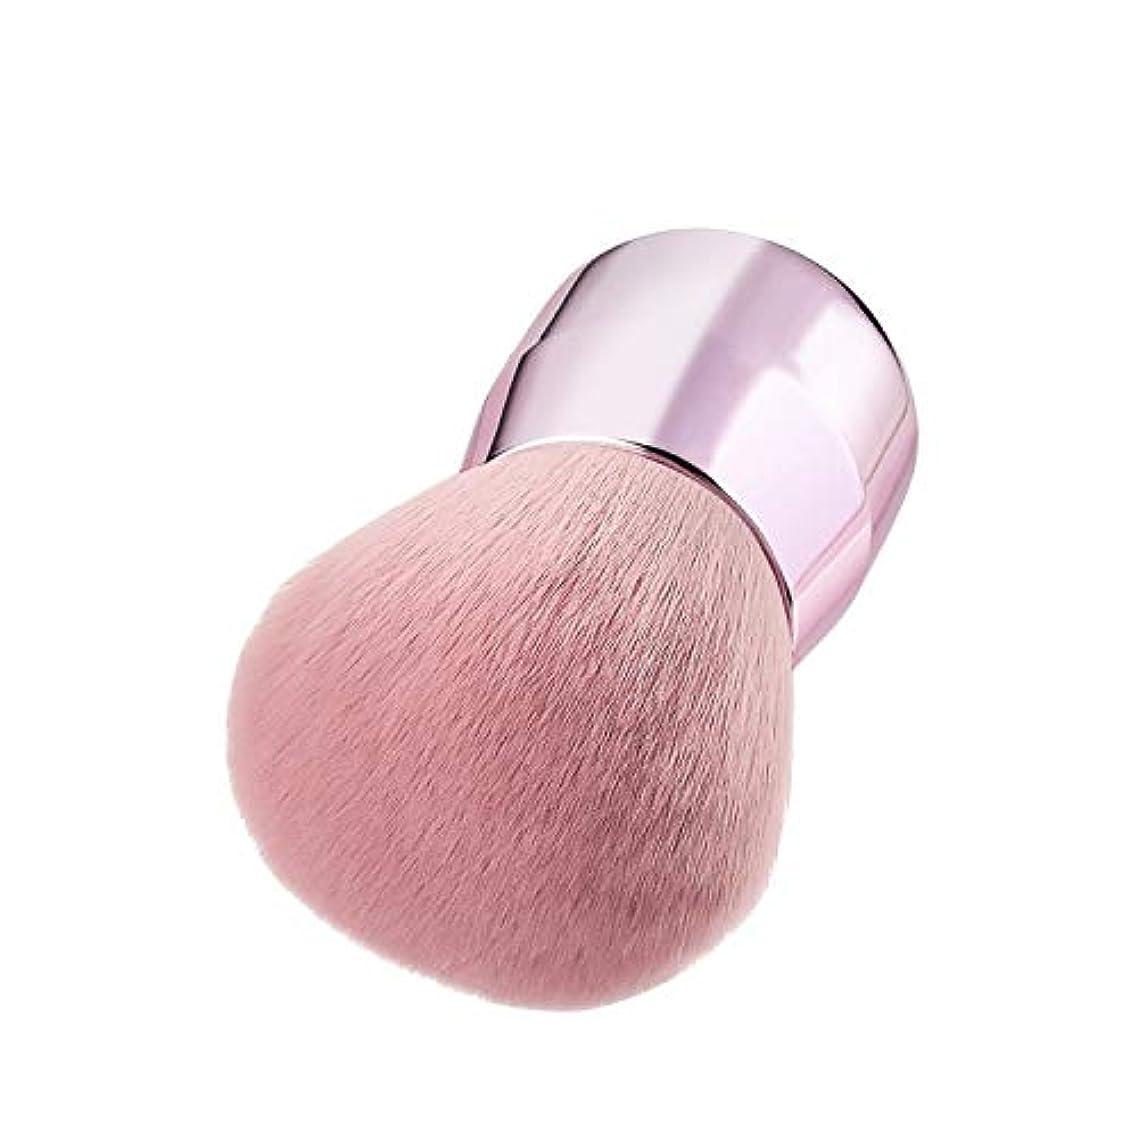 真実ステレオ学んだMakeup brushes きのこの頭の自由な粉のブラシの携帯用宣言的な構造のブラシ蜂蜜の粉の構造の粉のブラシのブラシ1つ suits (Color : Rose Gold)